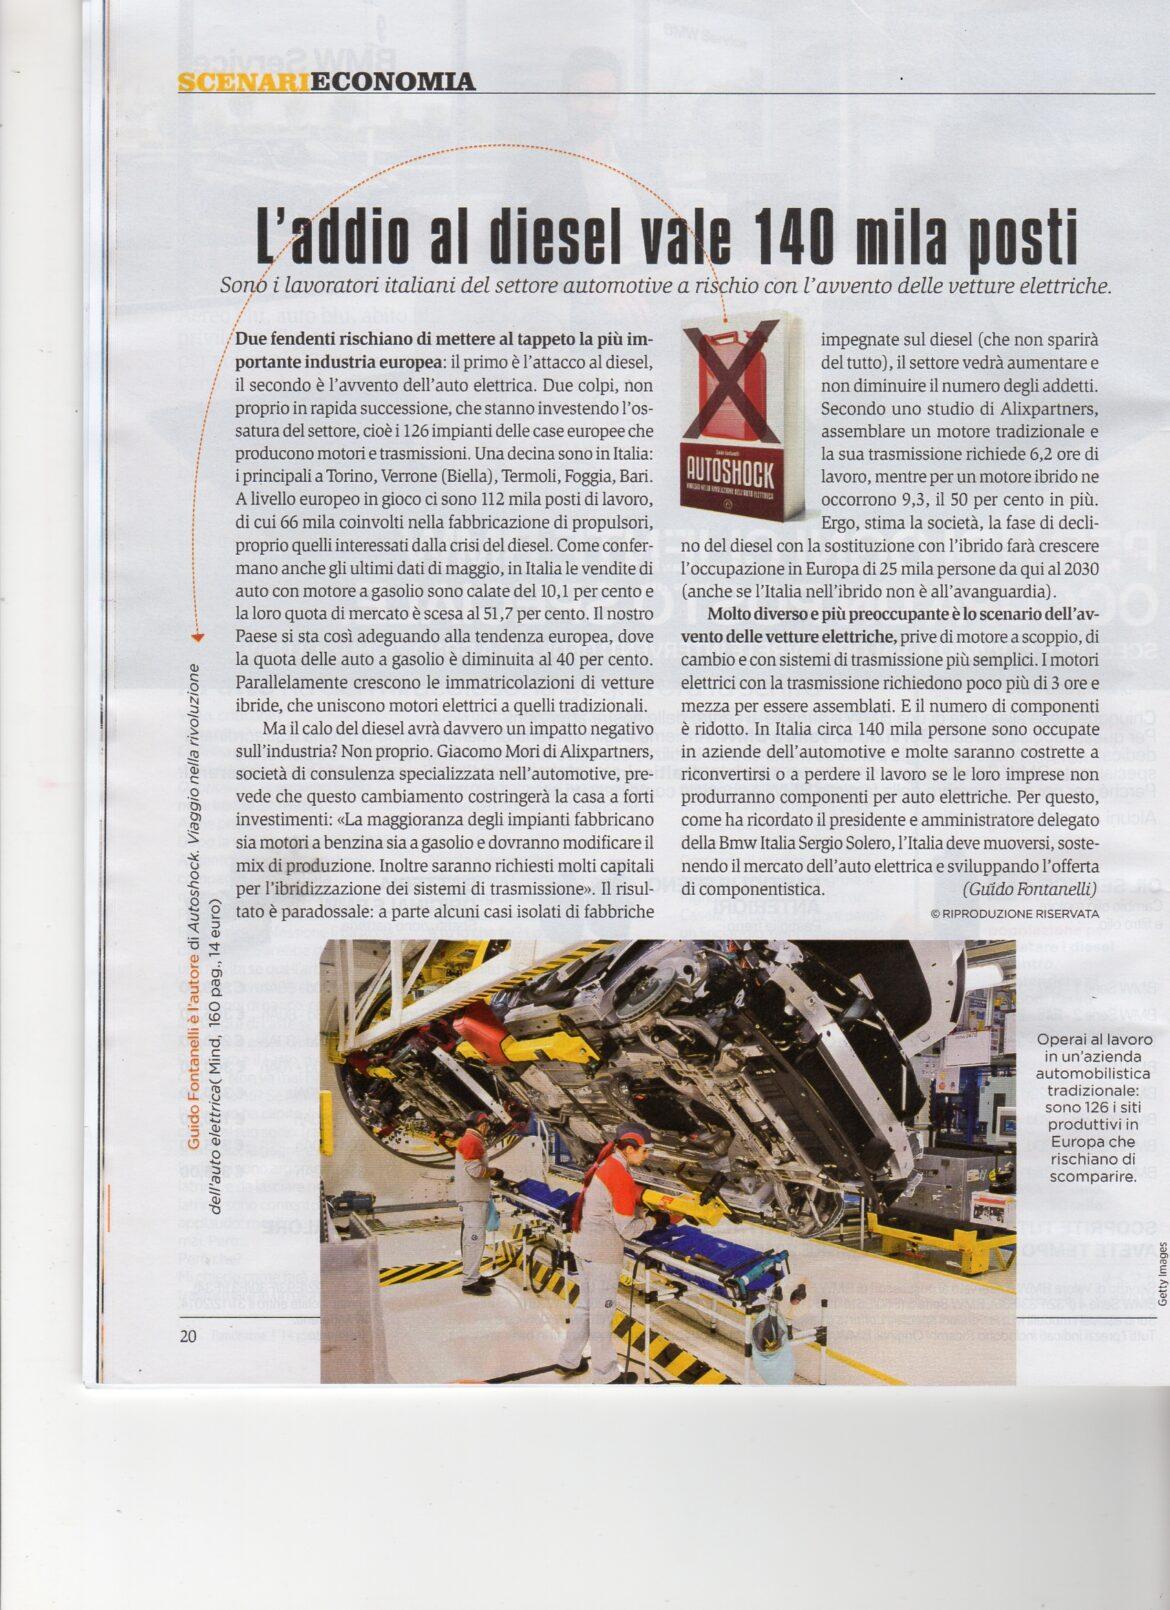 Autoshock-su-Panorama-14.6.18